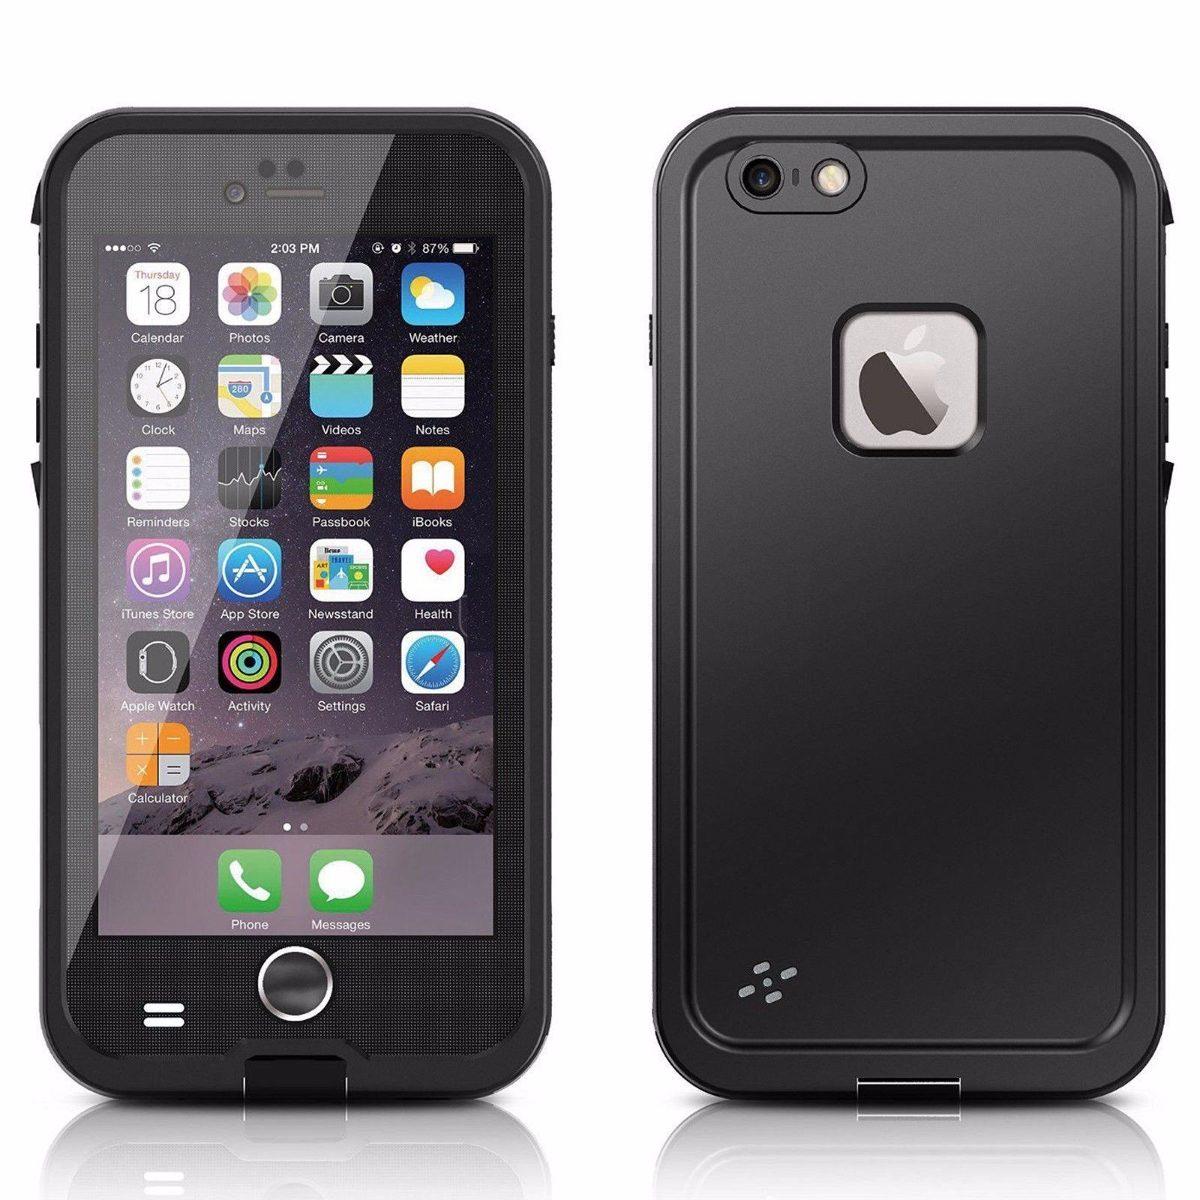 Funda a prueba de agua para iphone 6 4 7 pulgadas negras - Fundas cargadoras para iphone ...